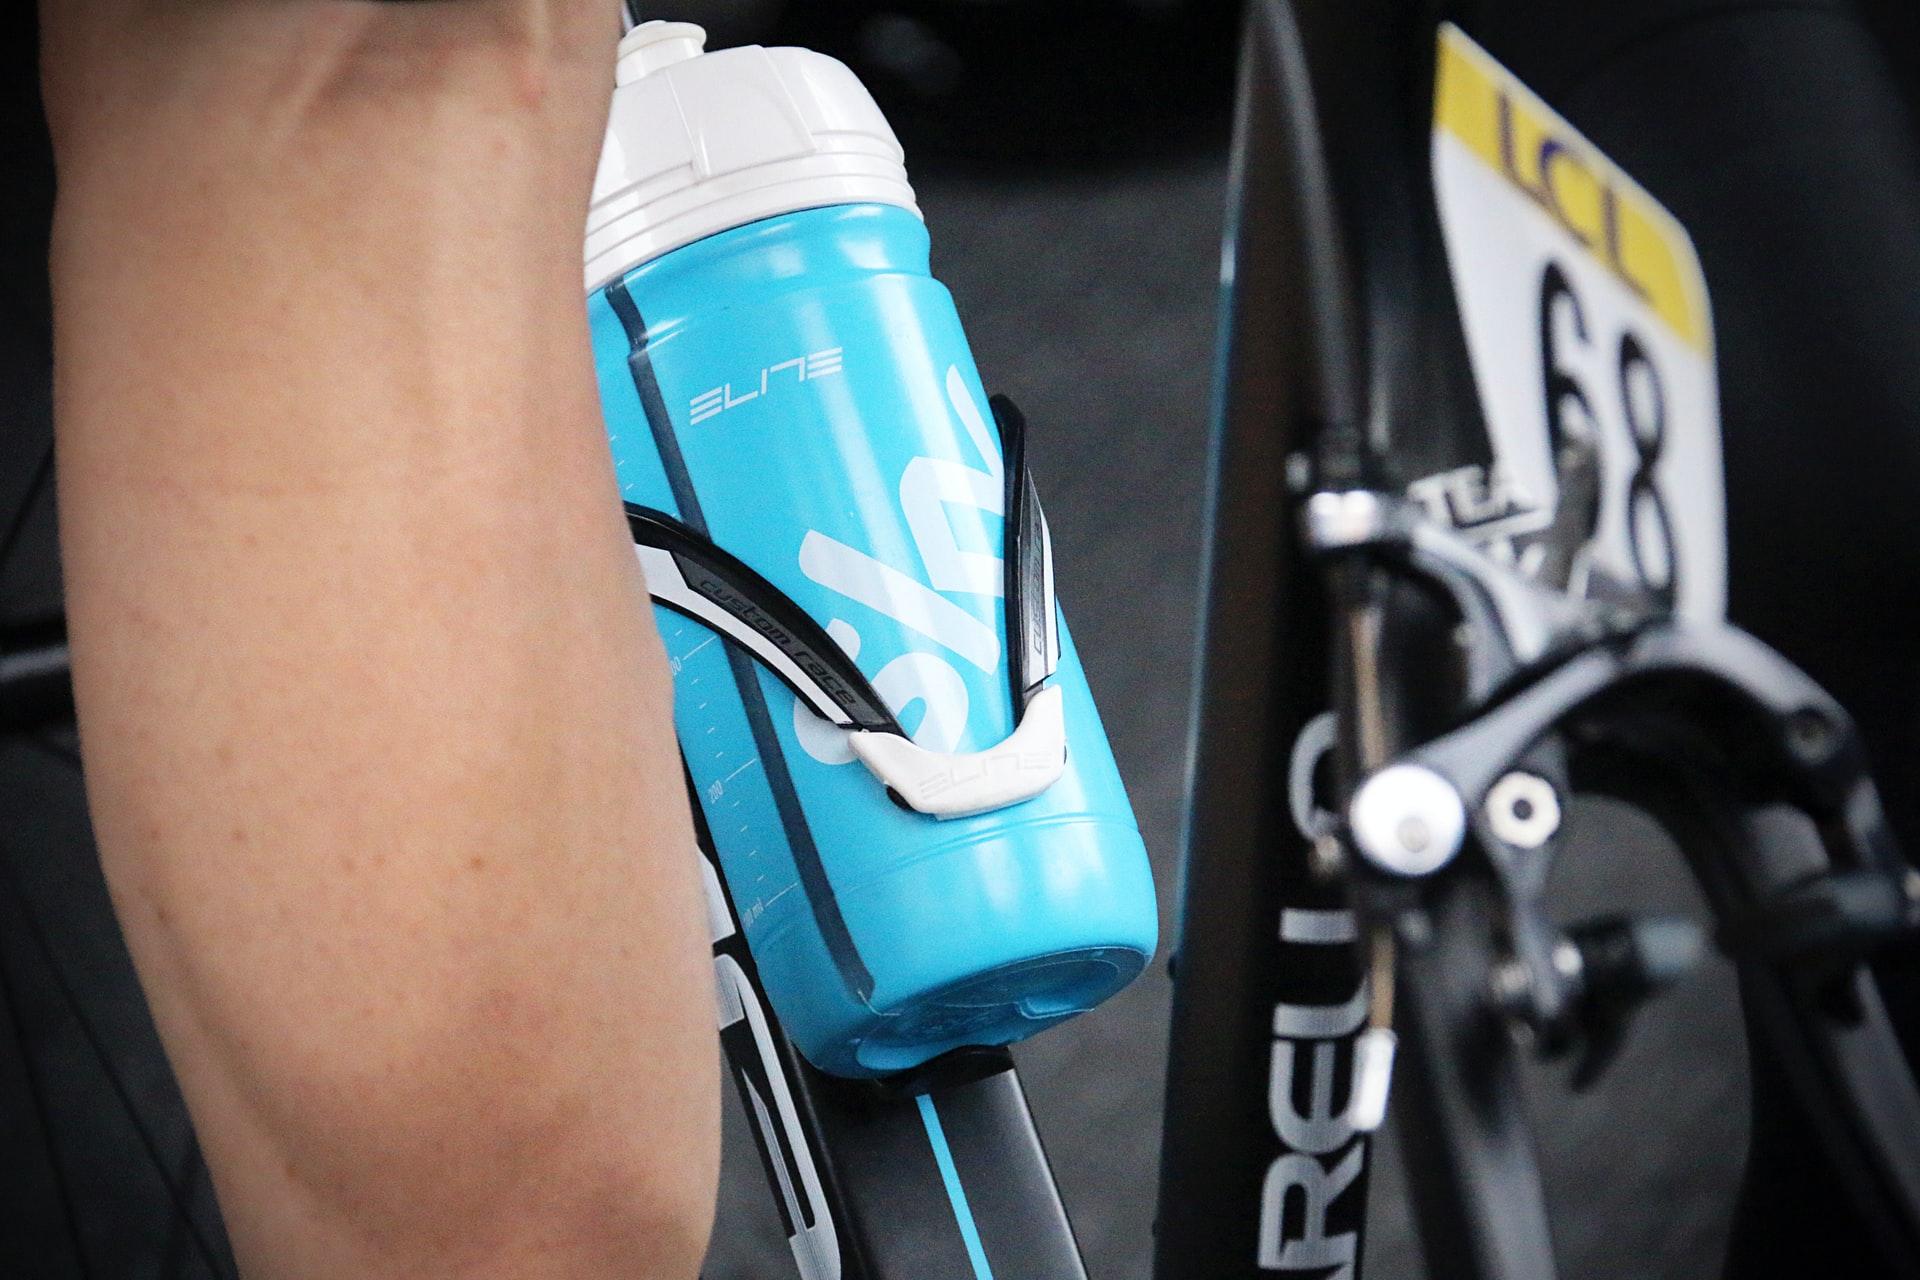 Fahrrad Flaschenhalter: Test & Empfehlungen (03/21)